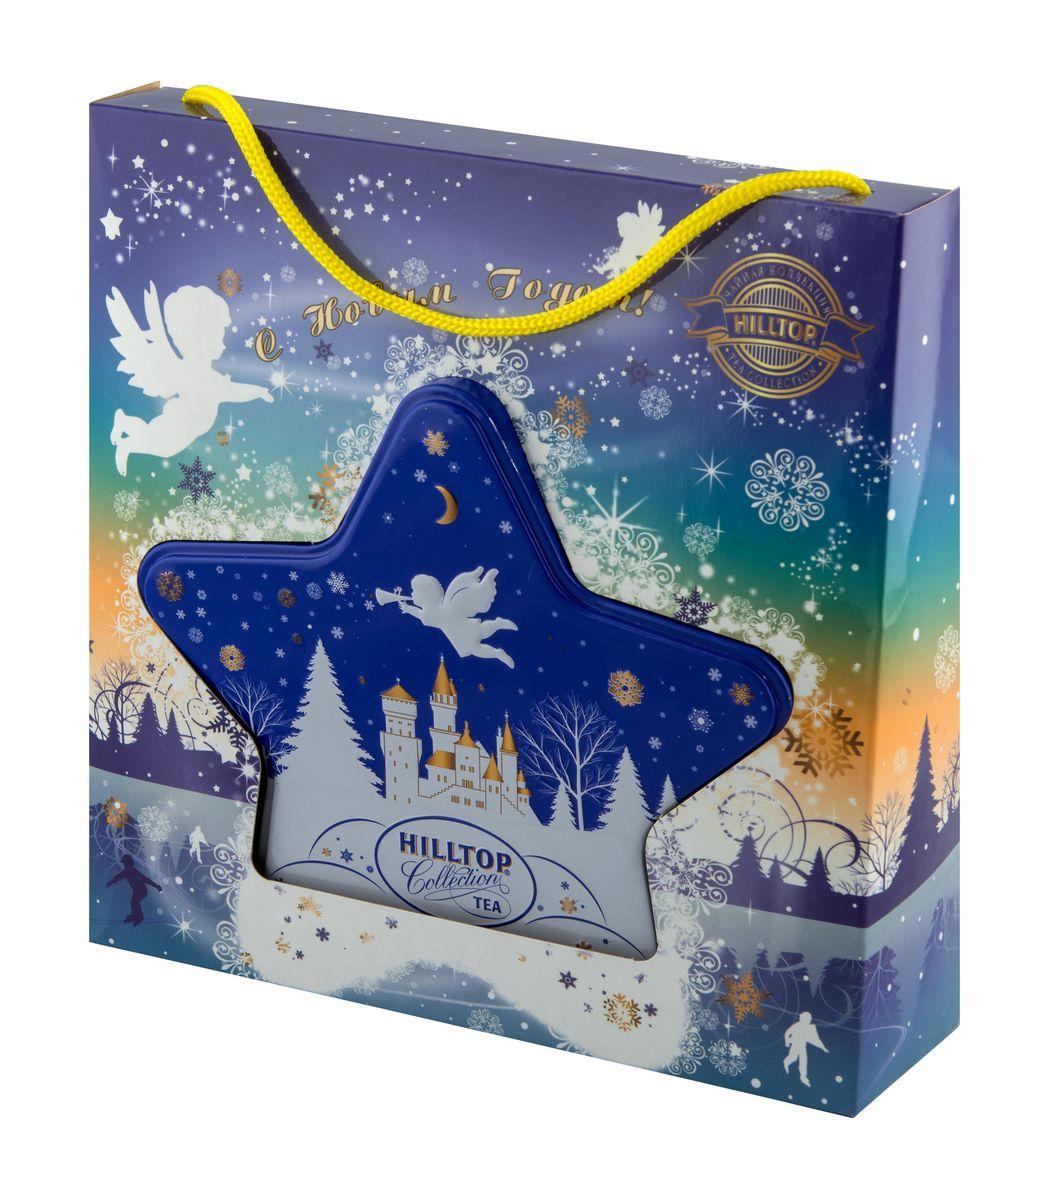 Hilltop Снежный ангел черный листовой чай, 80 г0120710Классический крупнолистовой черный чай Hilltop Снежный ангел с мягким ароматом и тонизирующими свойствами.